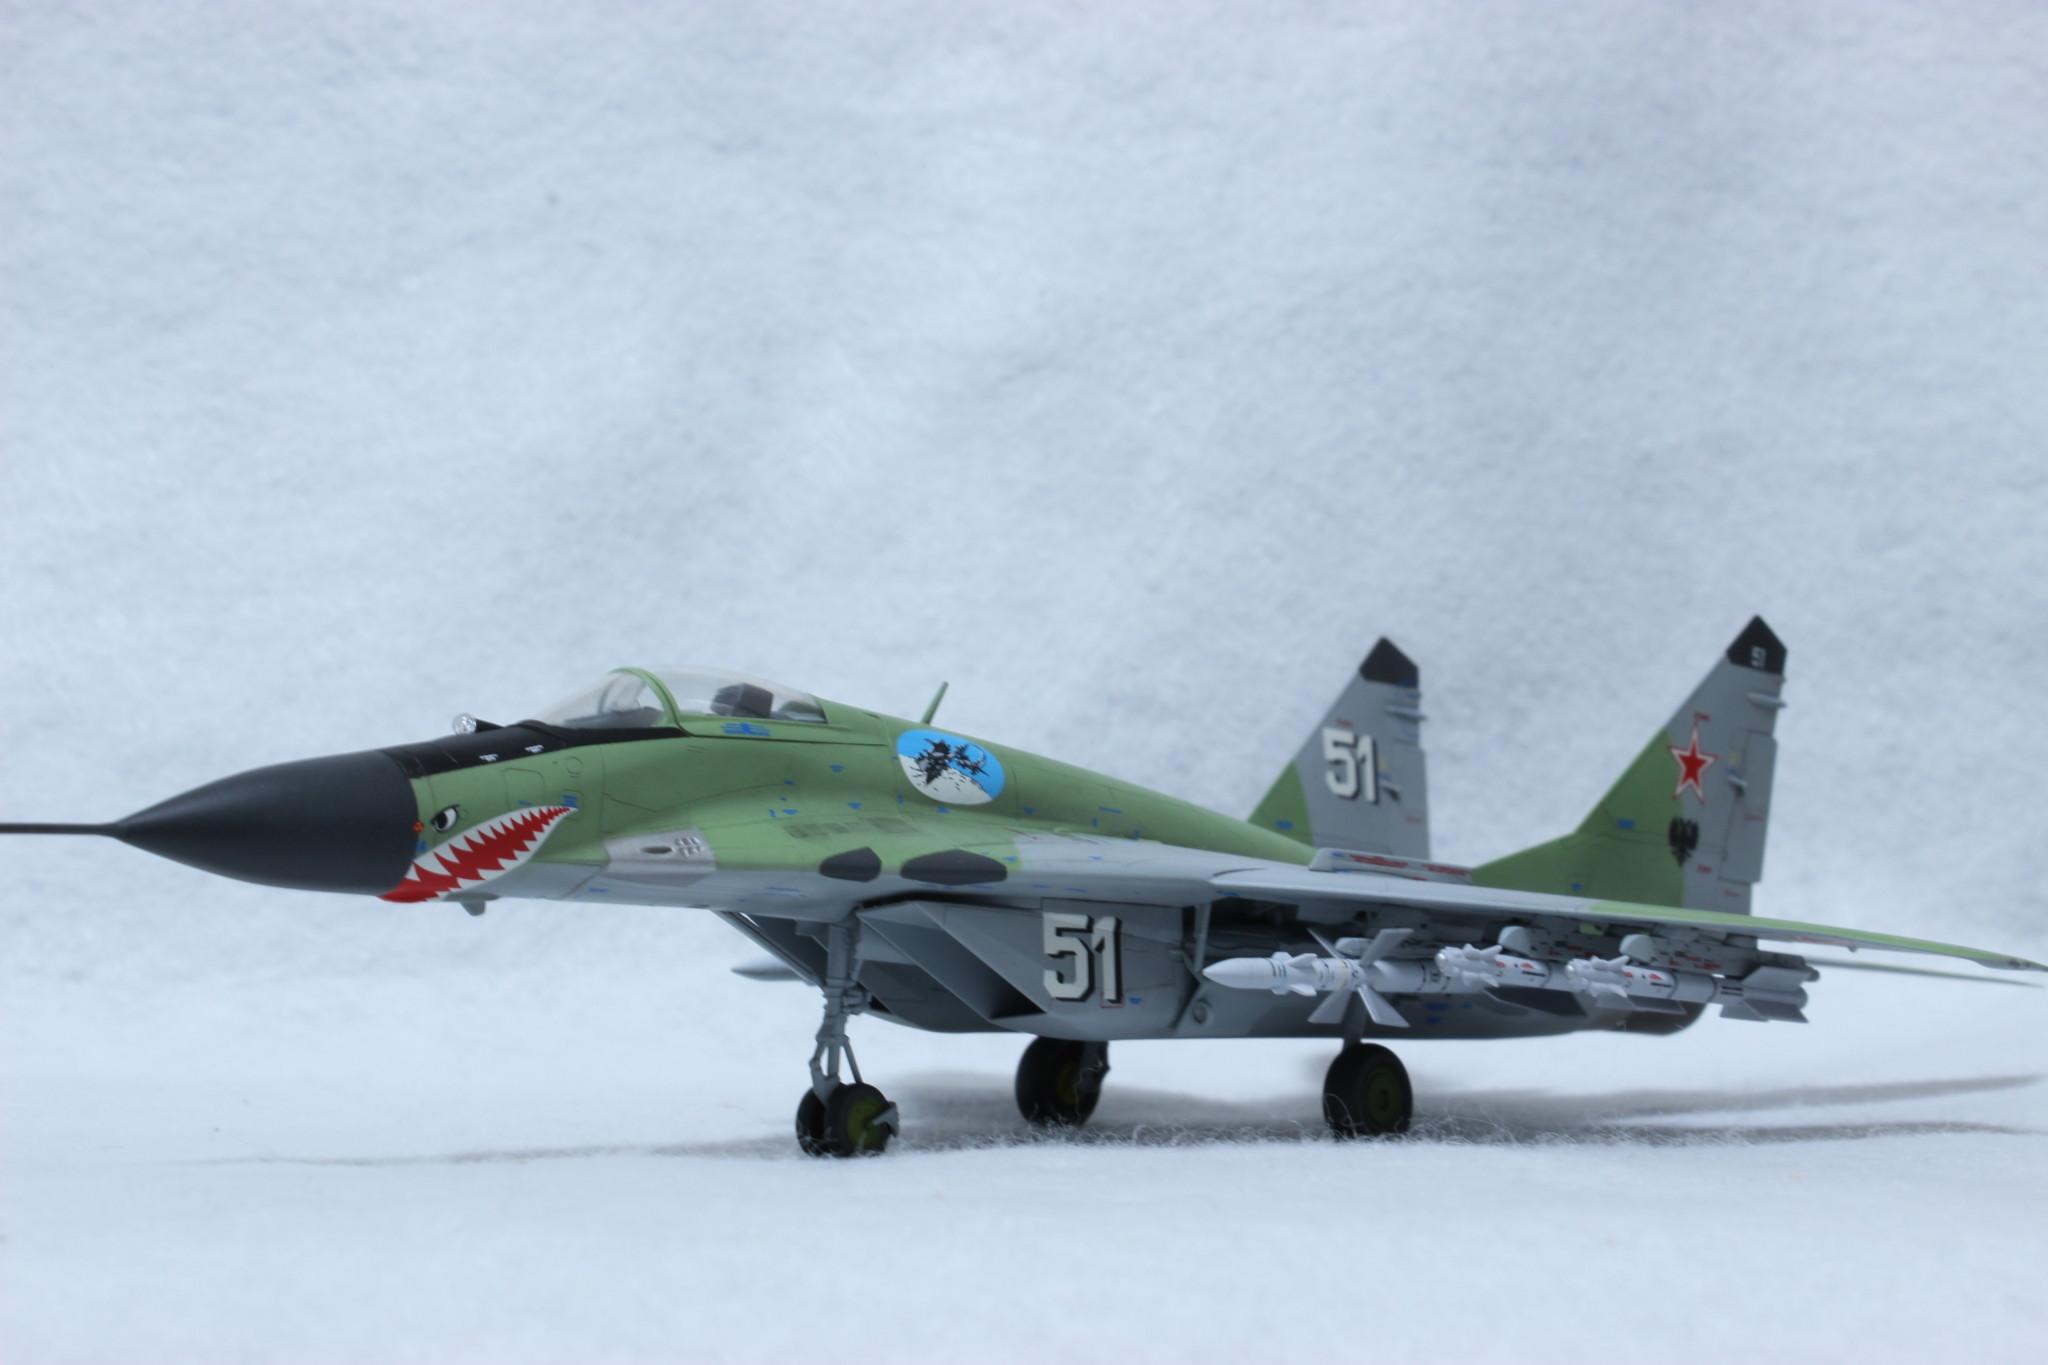 MiG 29 (航空機)の画像 p1_30